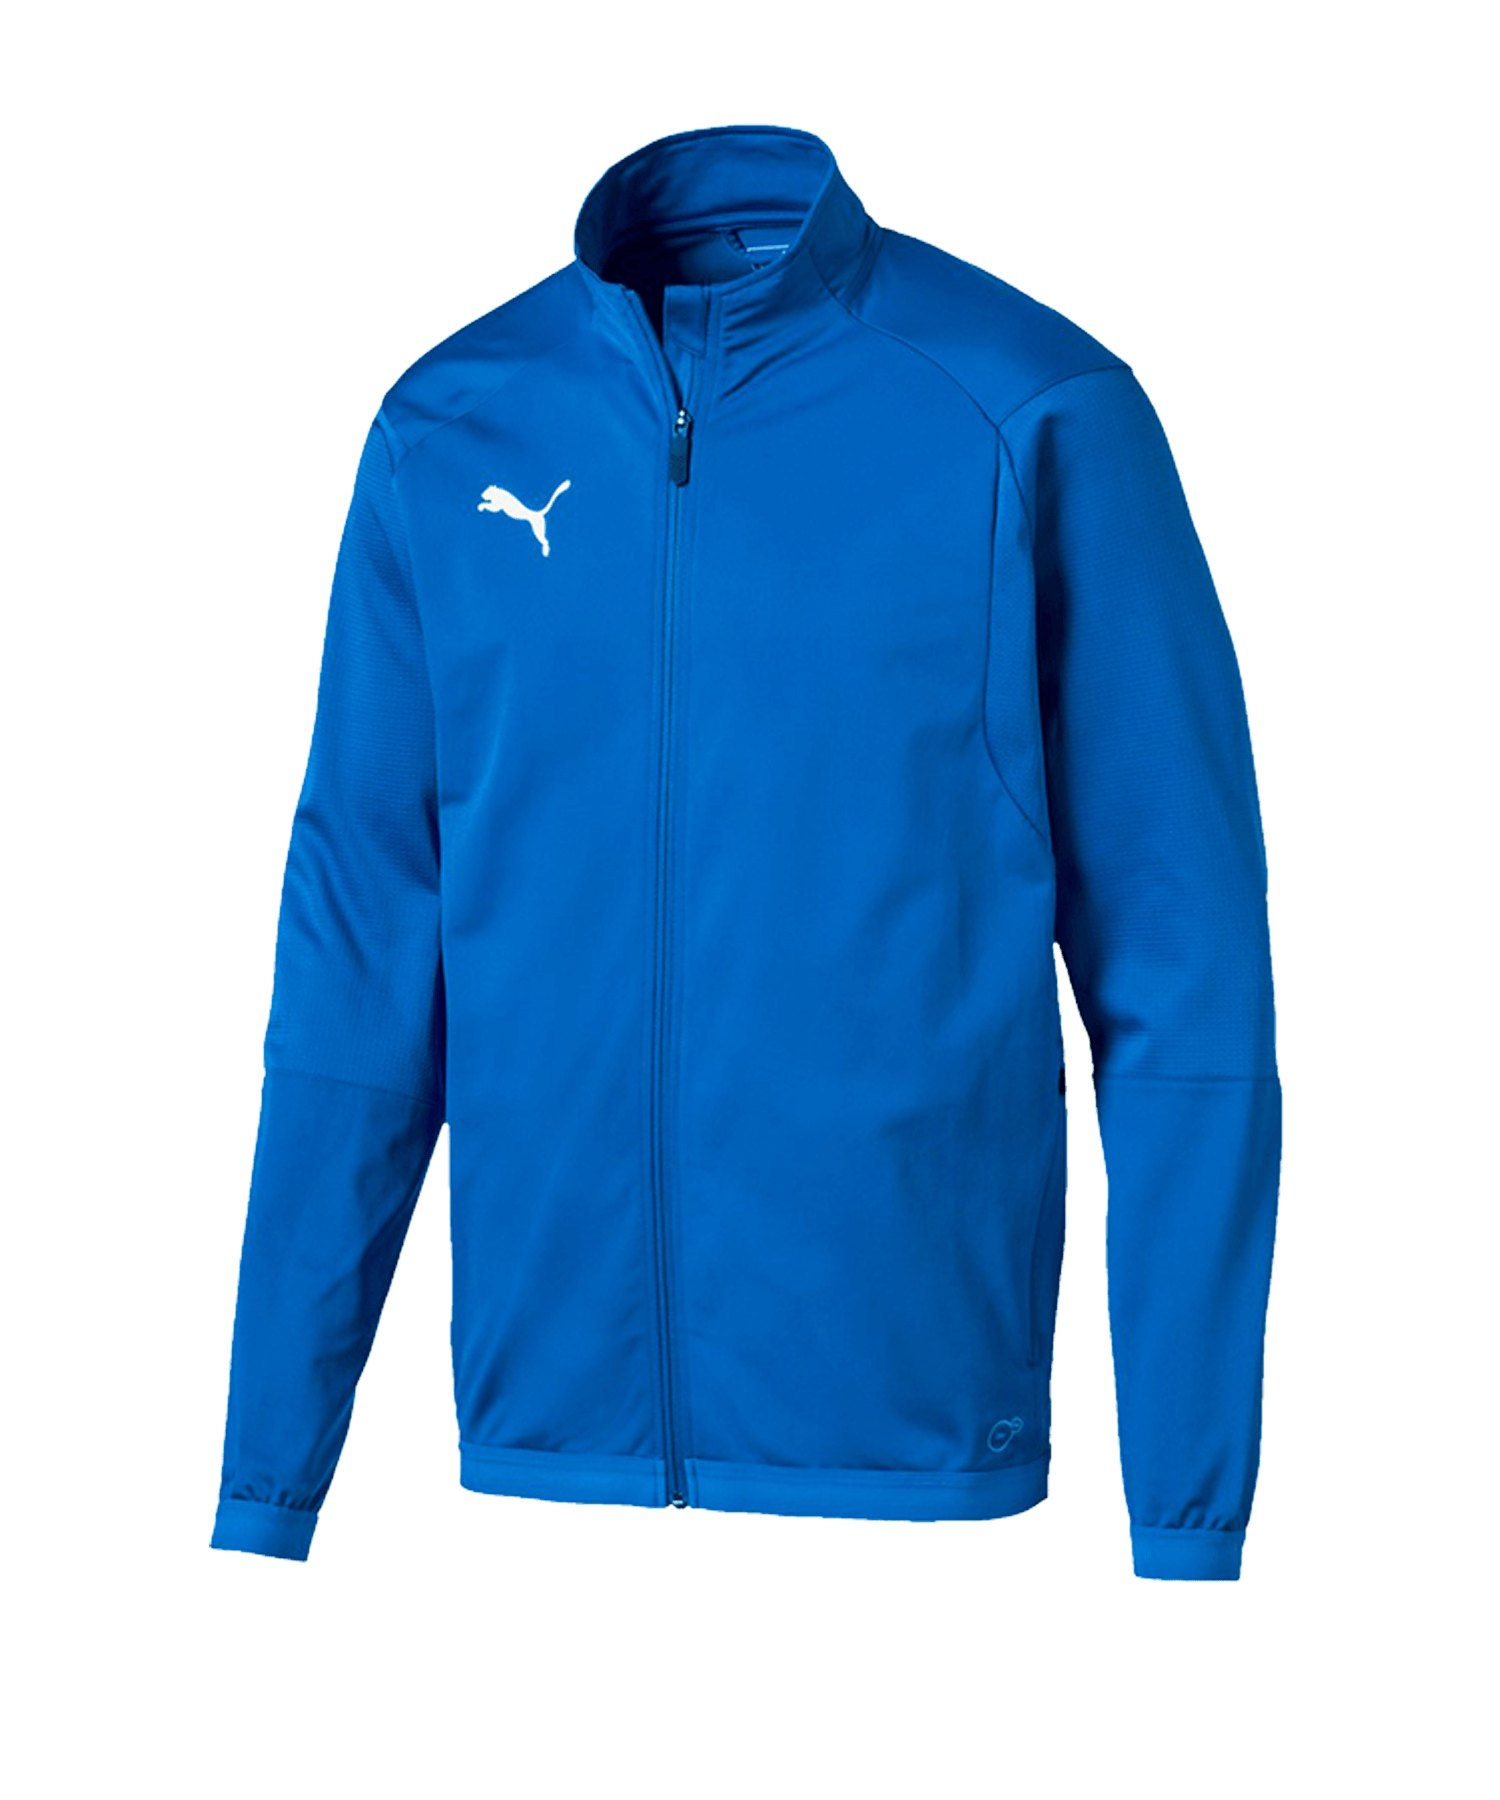 PUMA LIGA Trainingsjacke Blau F02 - blau